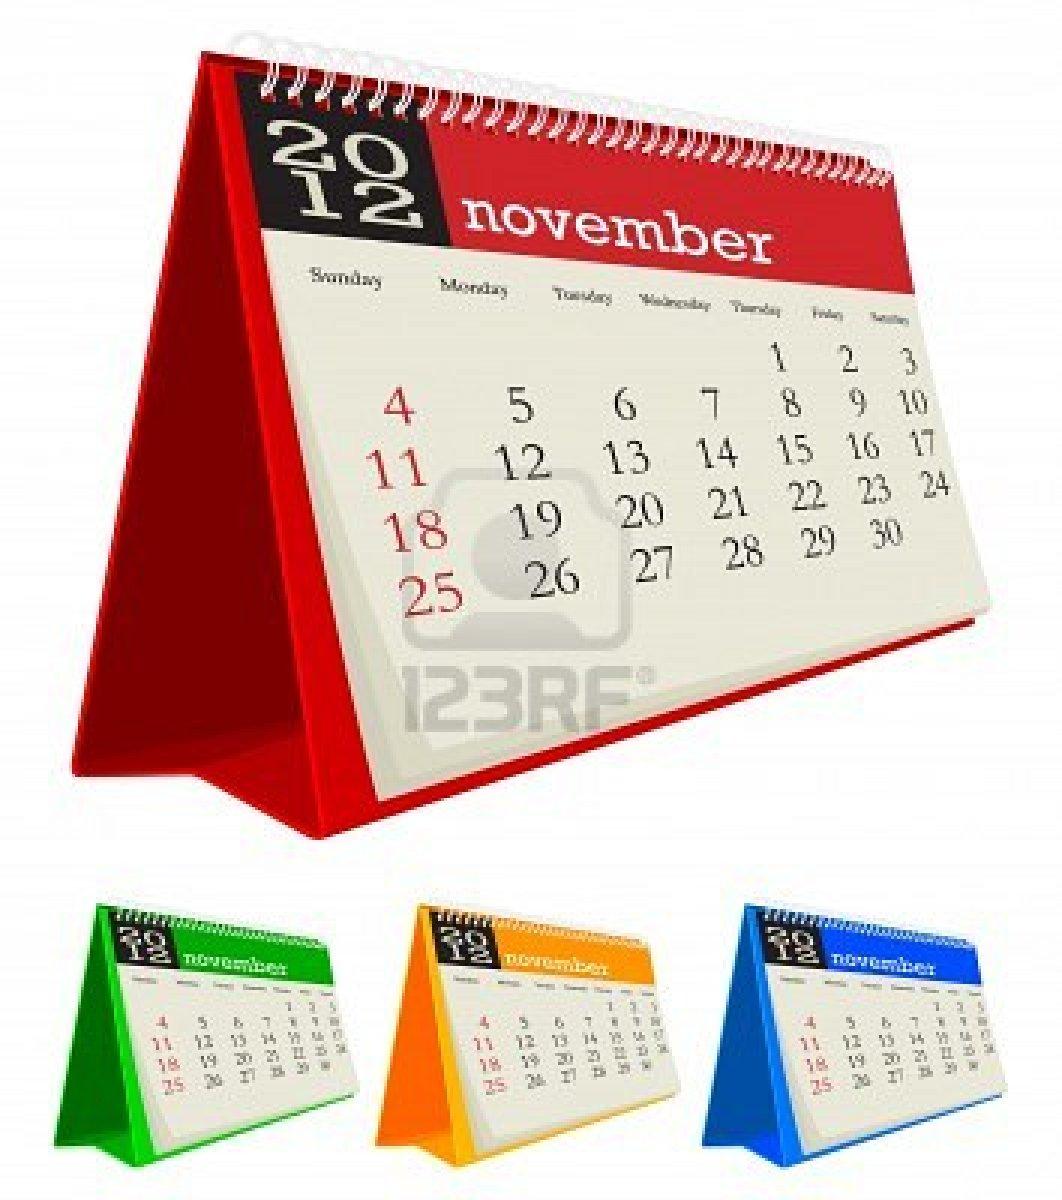 http://4.bp.blogspot.com/-QQZ_-kMOpLo/TvrizJ2bCXI/AAAAAAAAA7U/8g9hcHVcBt8/s1600/November-Wallpapers-05.jpg